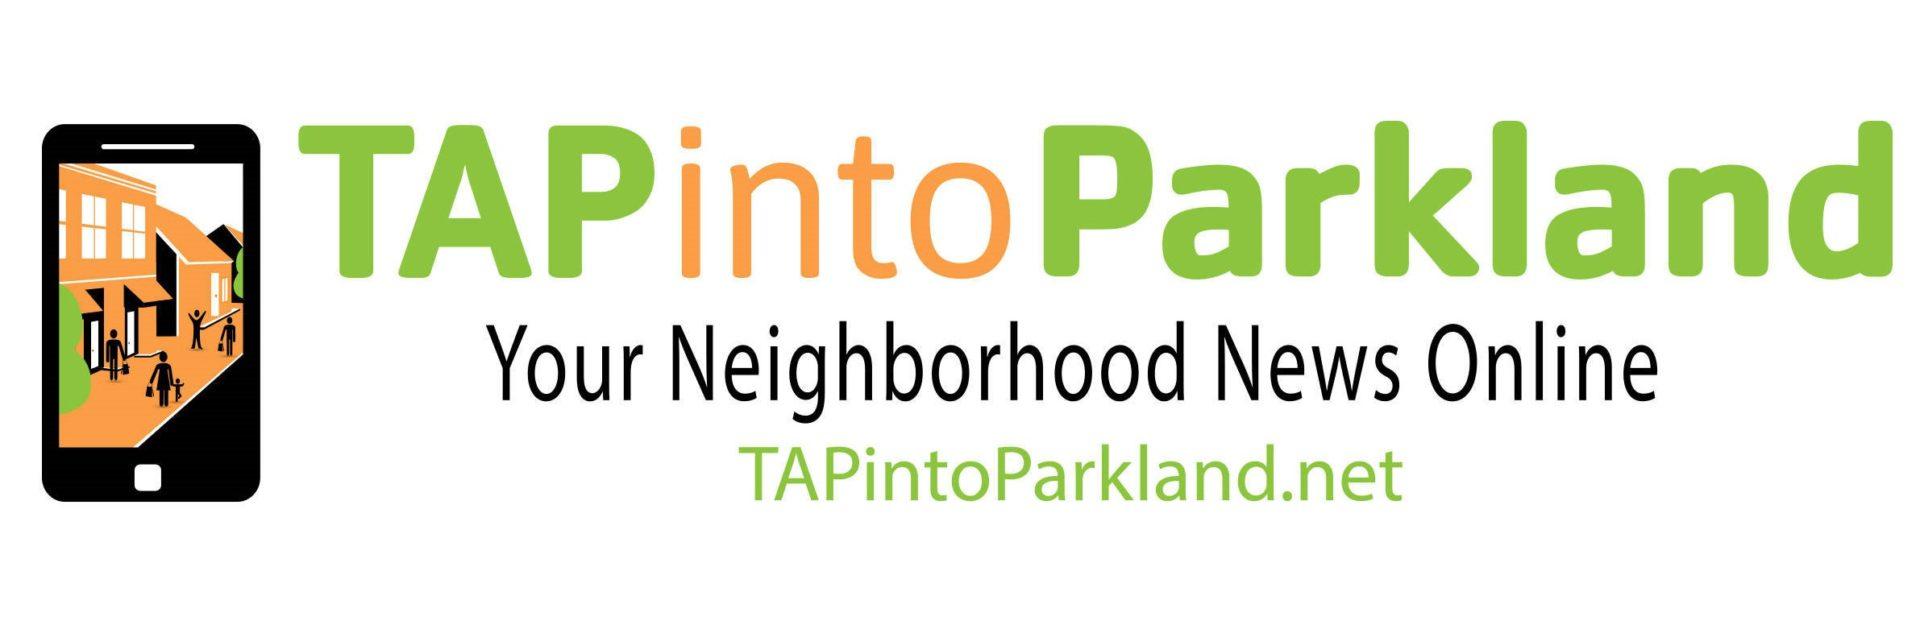 Tap Into Parkland